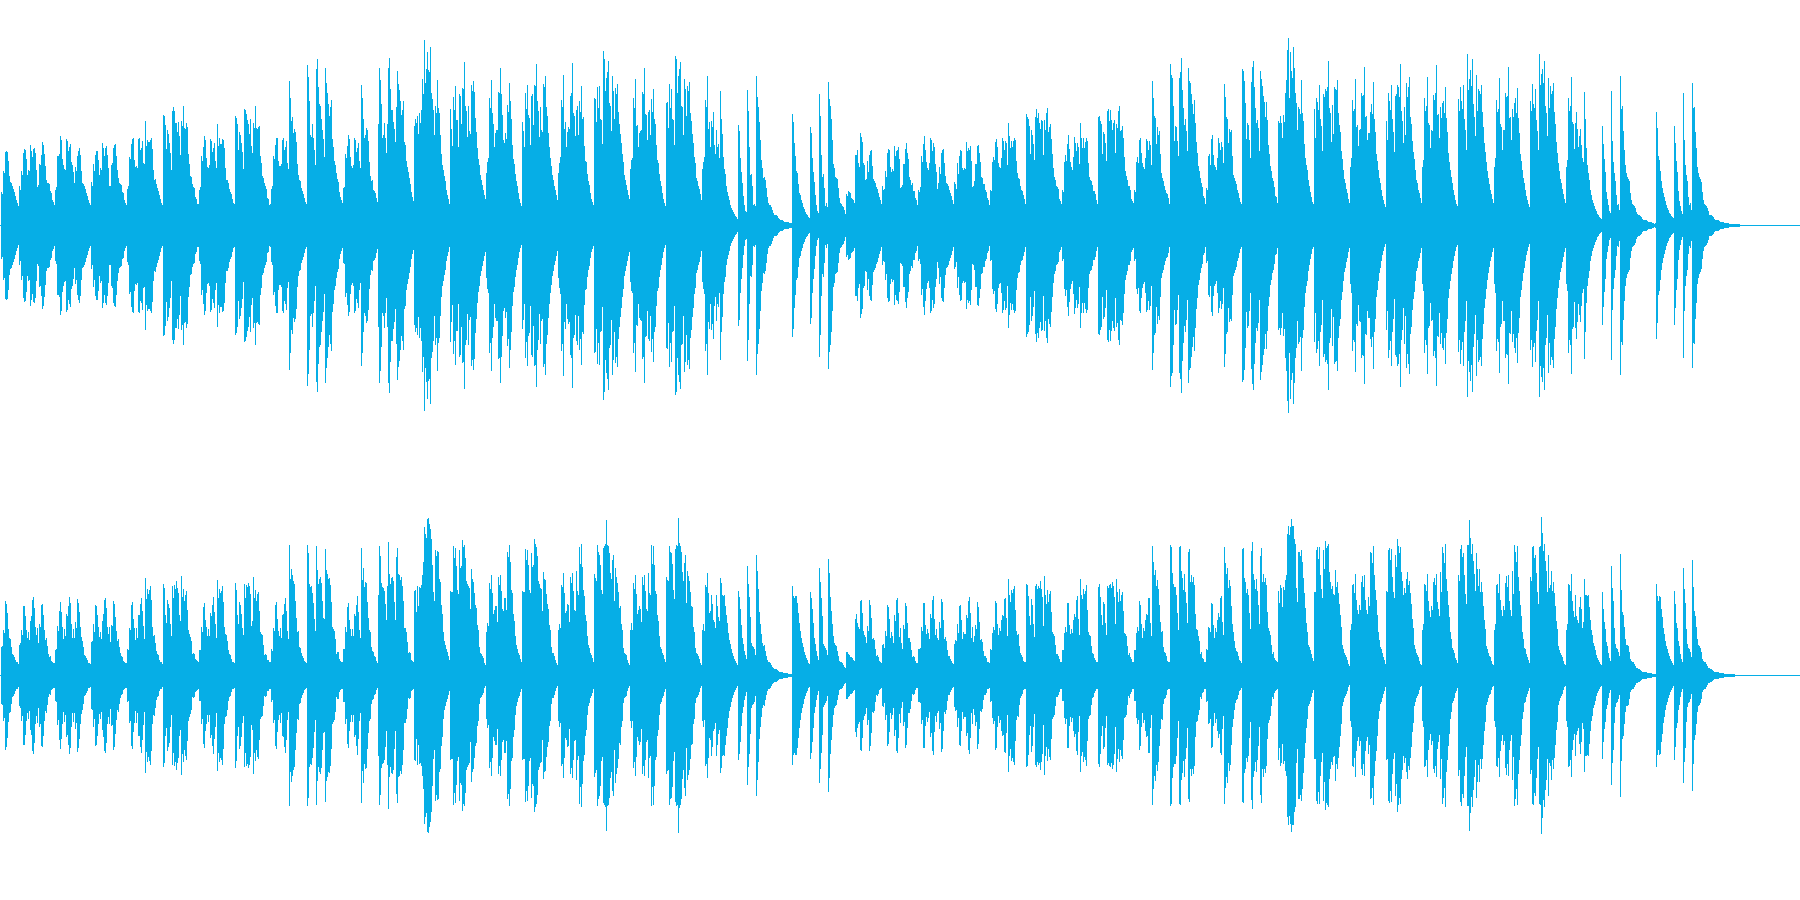 しんみりとする柔らかい音色のエレピソロの再生済みの波形